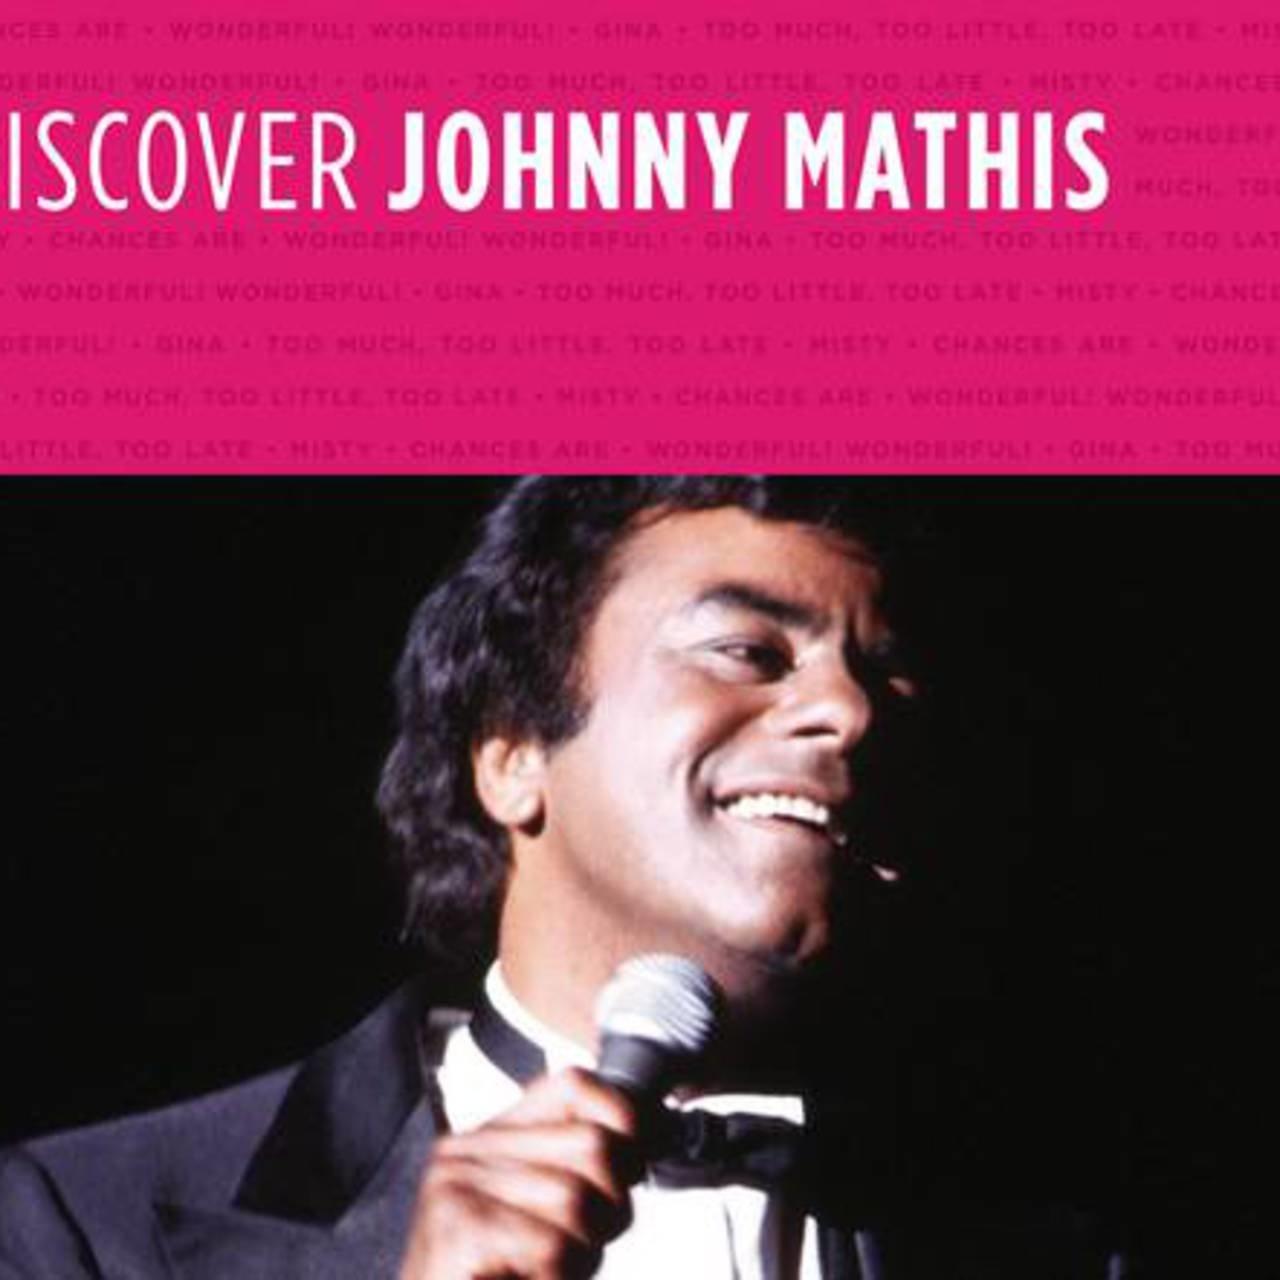 TIDAL: Listen to Johnny Mathis on TIDAL